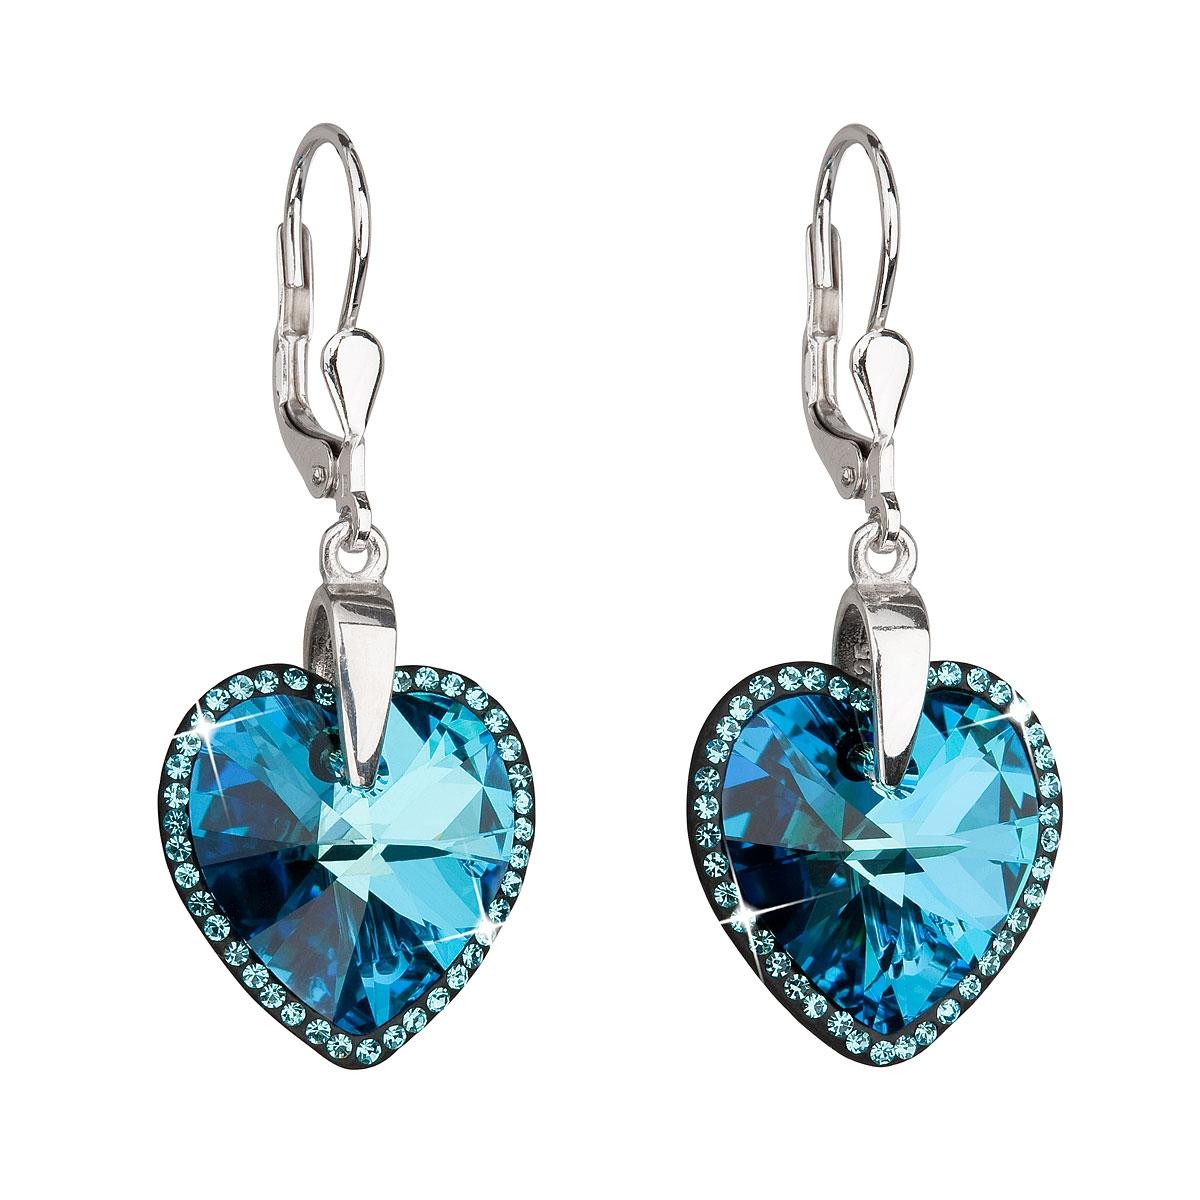 Strieborné náušnice visiace s kryštálmi Swarovski modré srdce b7437f5bb3e